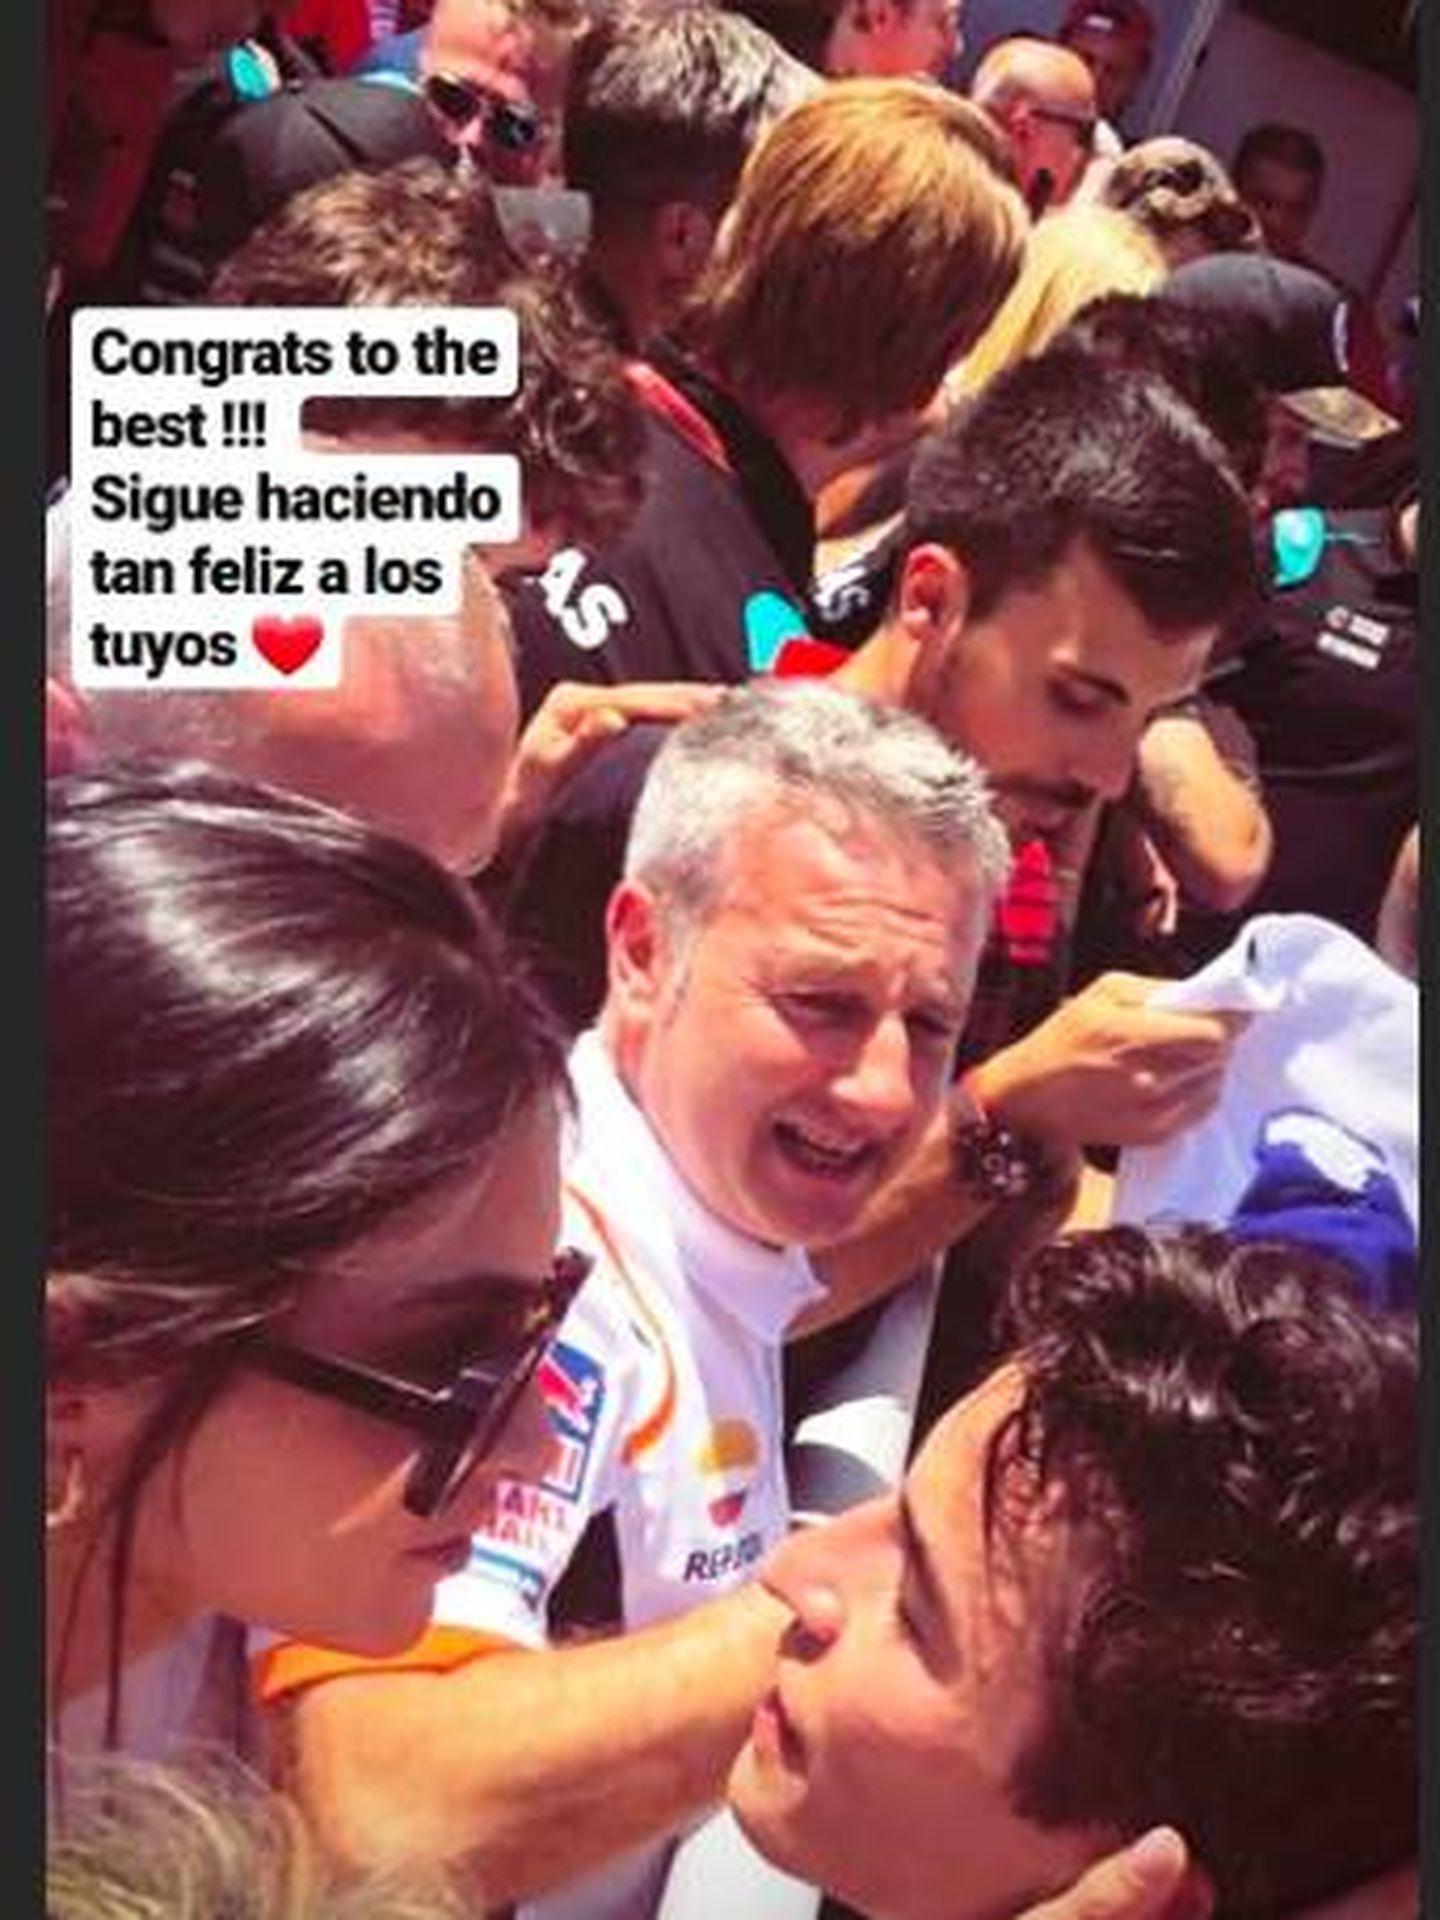 Un storie que Lucía ha subido donde vemos cómo felicita a Marc Márquez por su victoria. (Instagram)